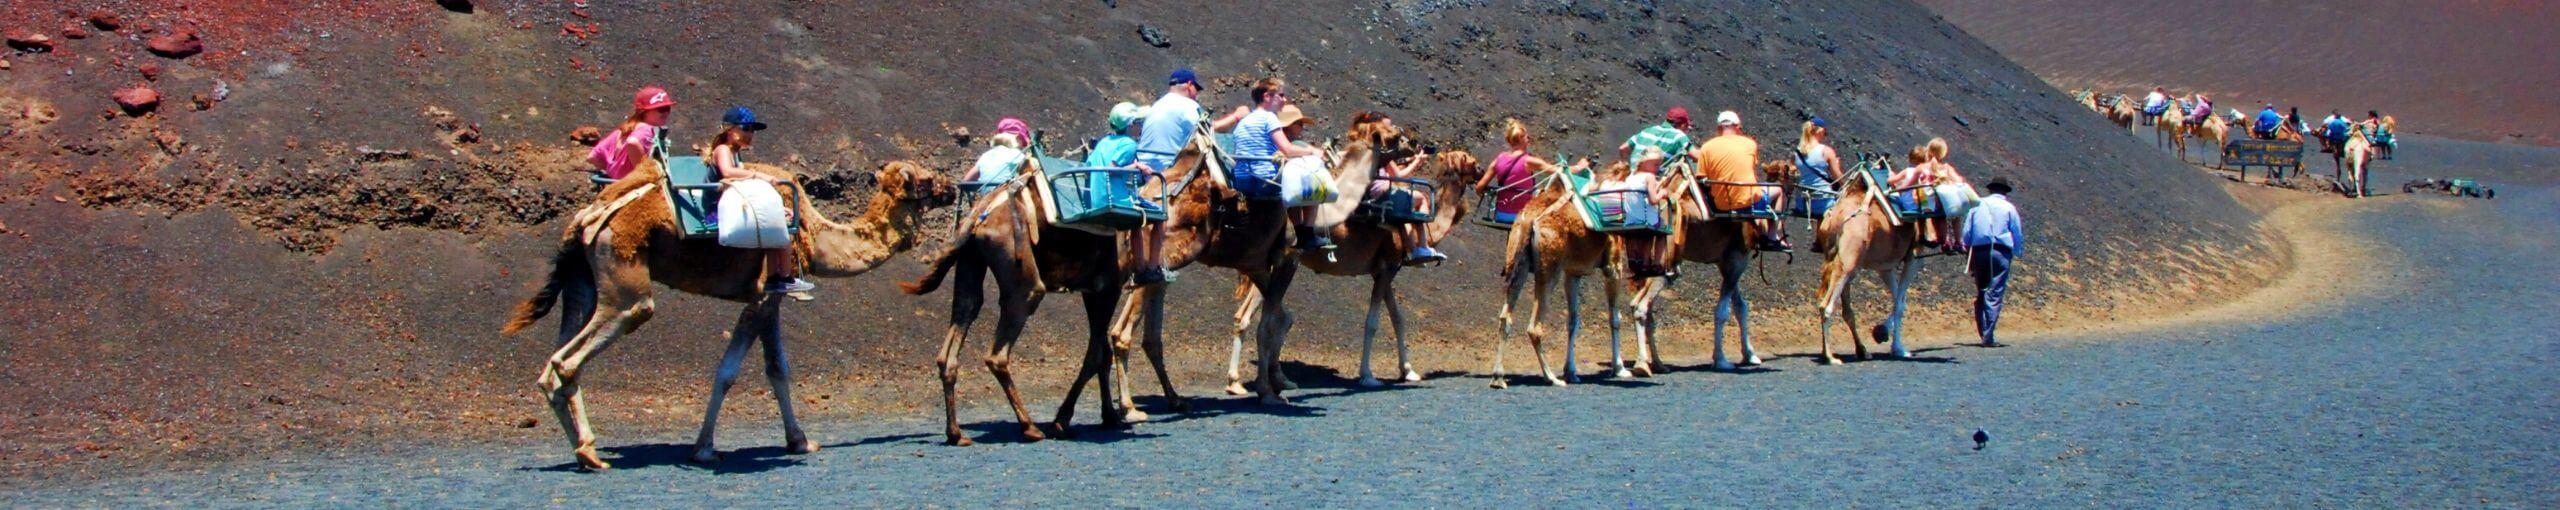 Parques Nacionales de Islas Canarias